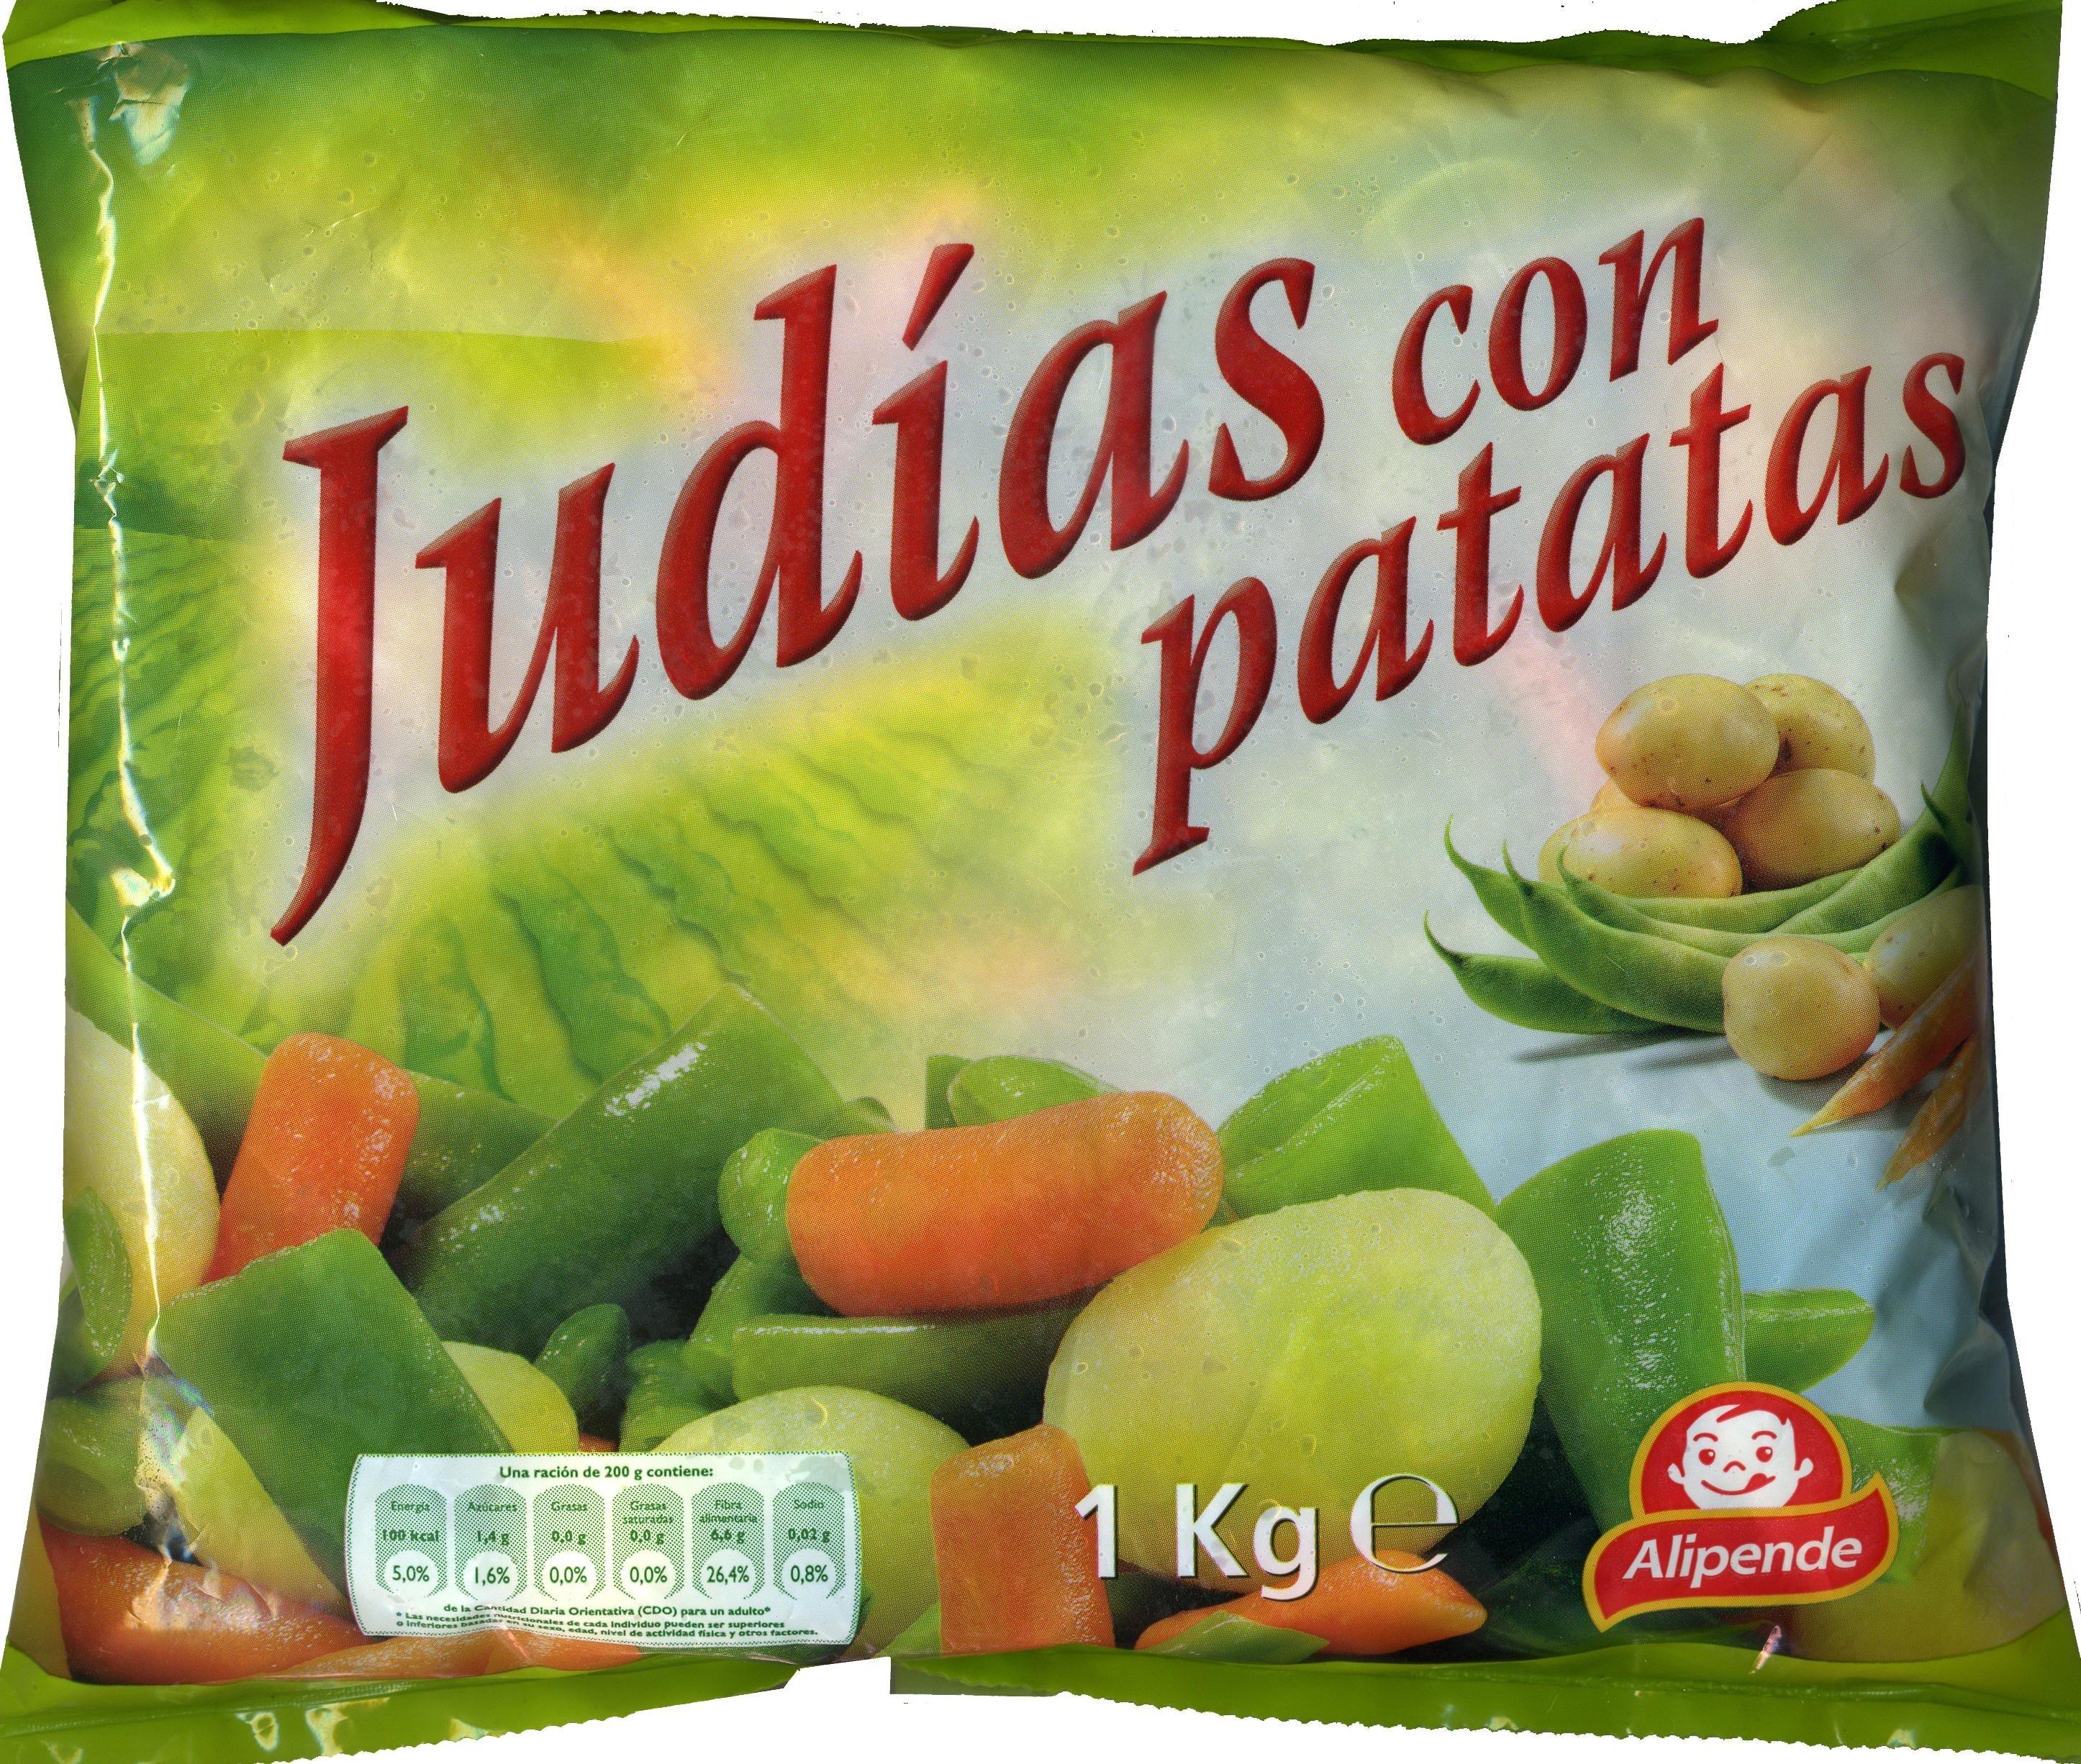 Judías con patatas - Produit - es